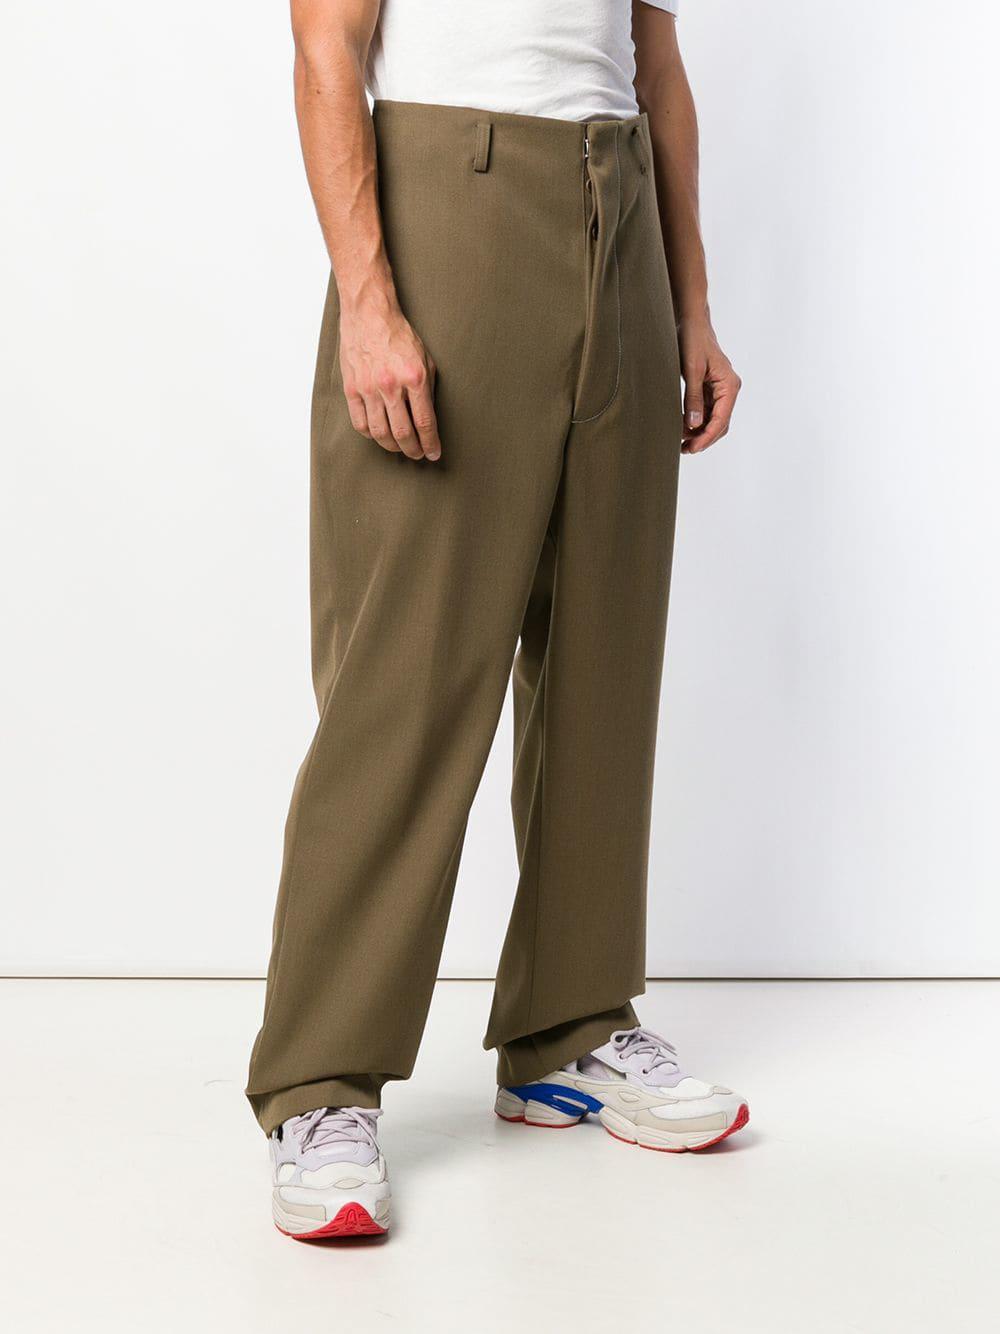 Maison Margiela Katoen Overstitched High Waist Trousers in het Groen voor heren